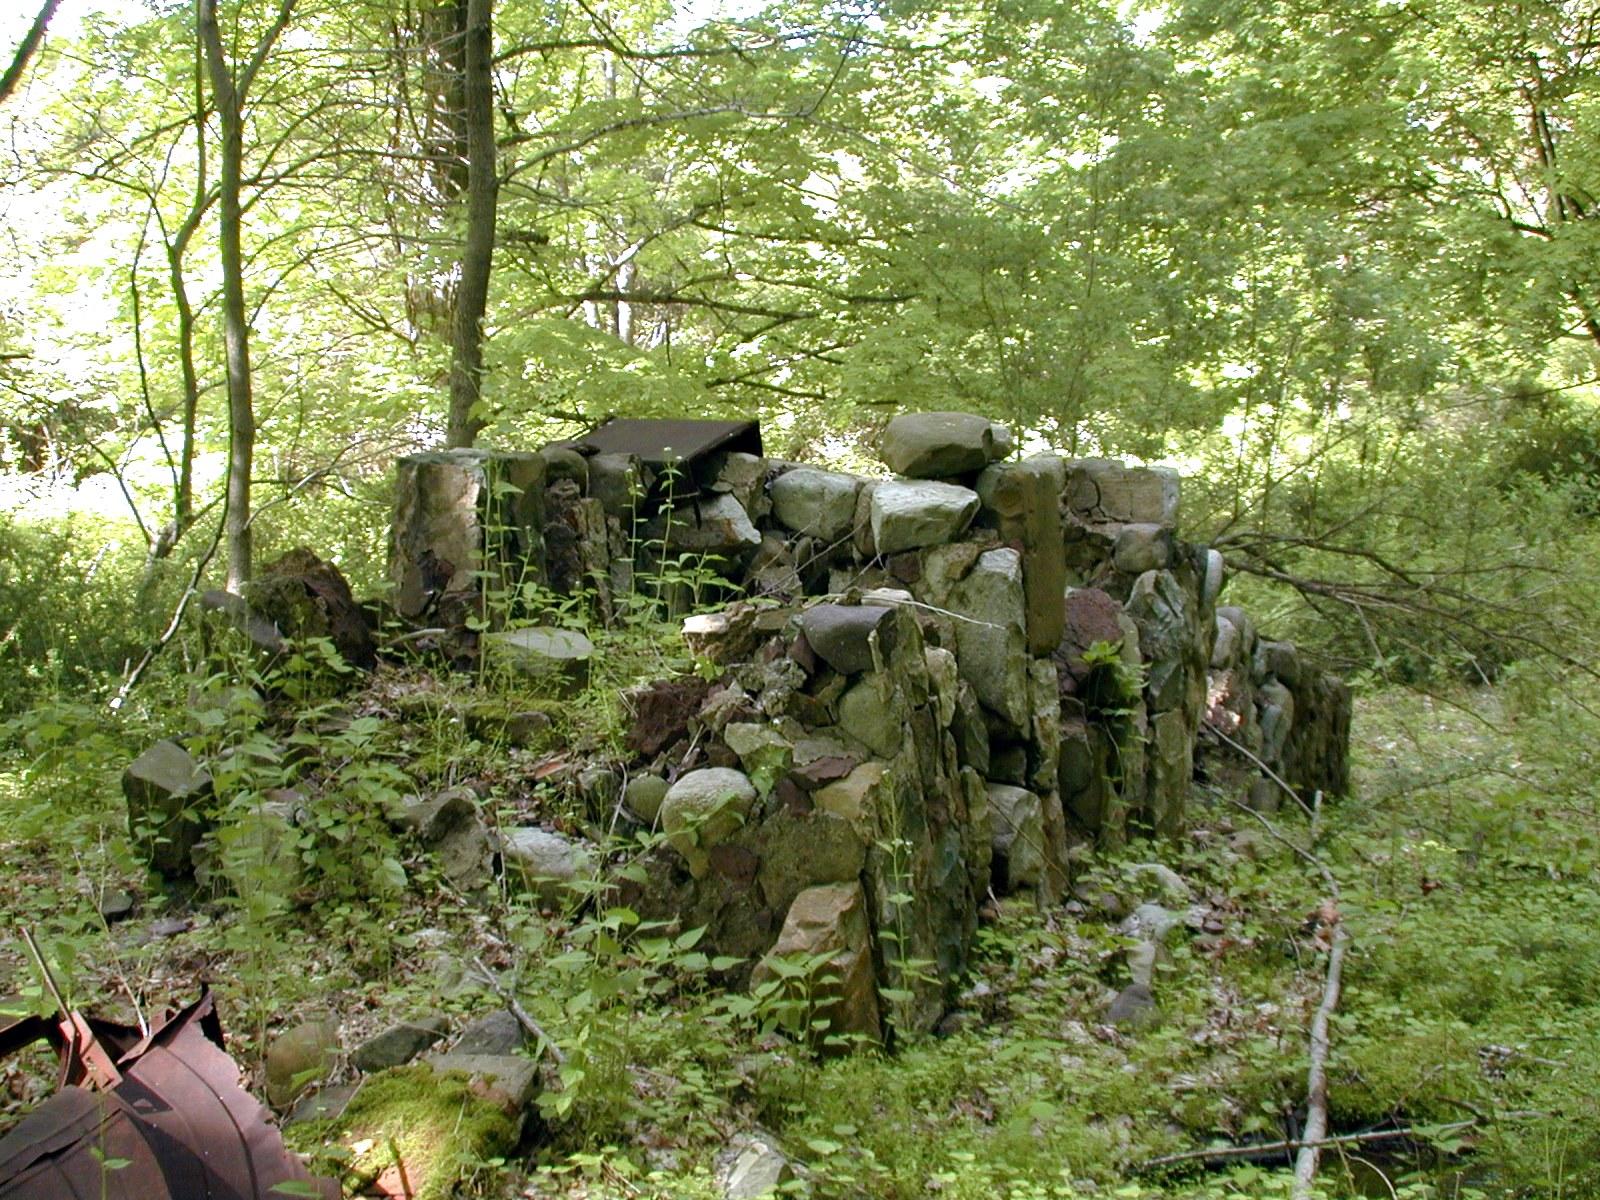 Toppled chimney near the older Depue ruins